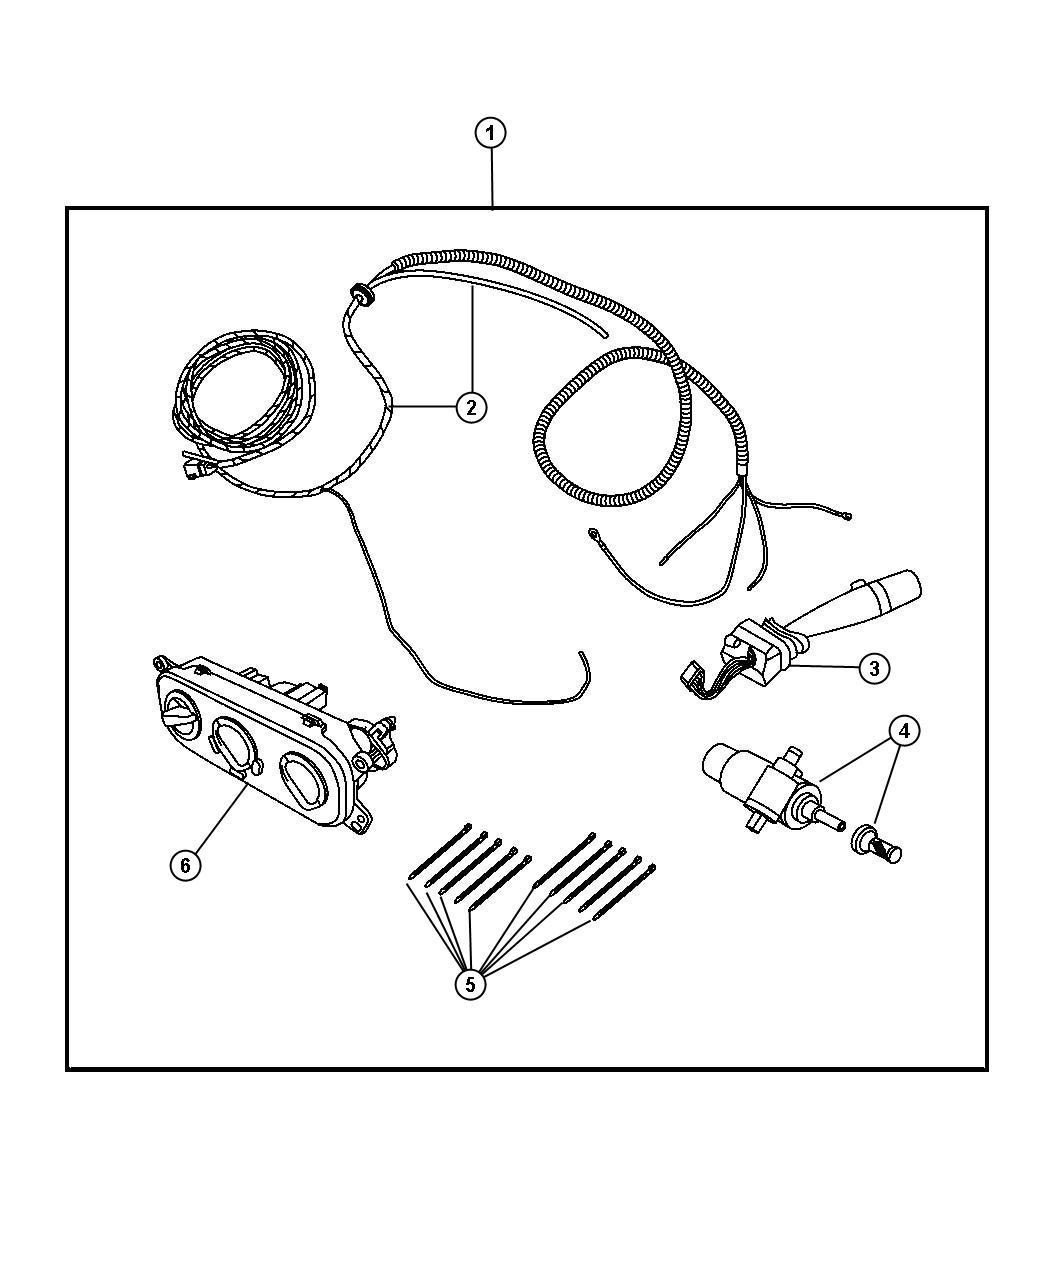 jeep wrangler rear window defroster wiring